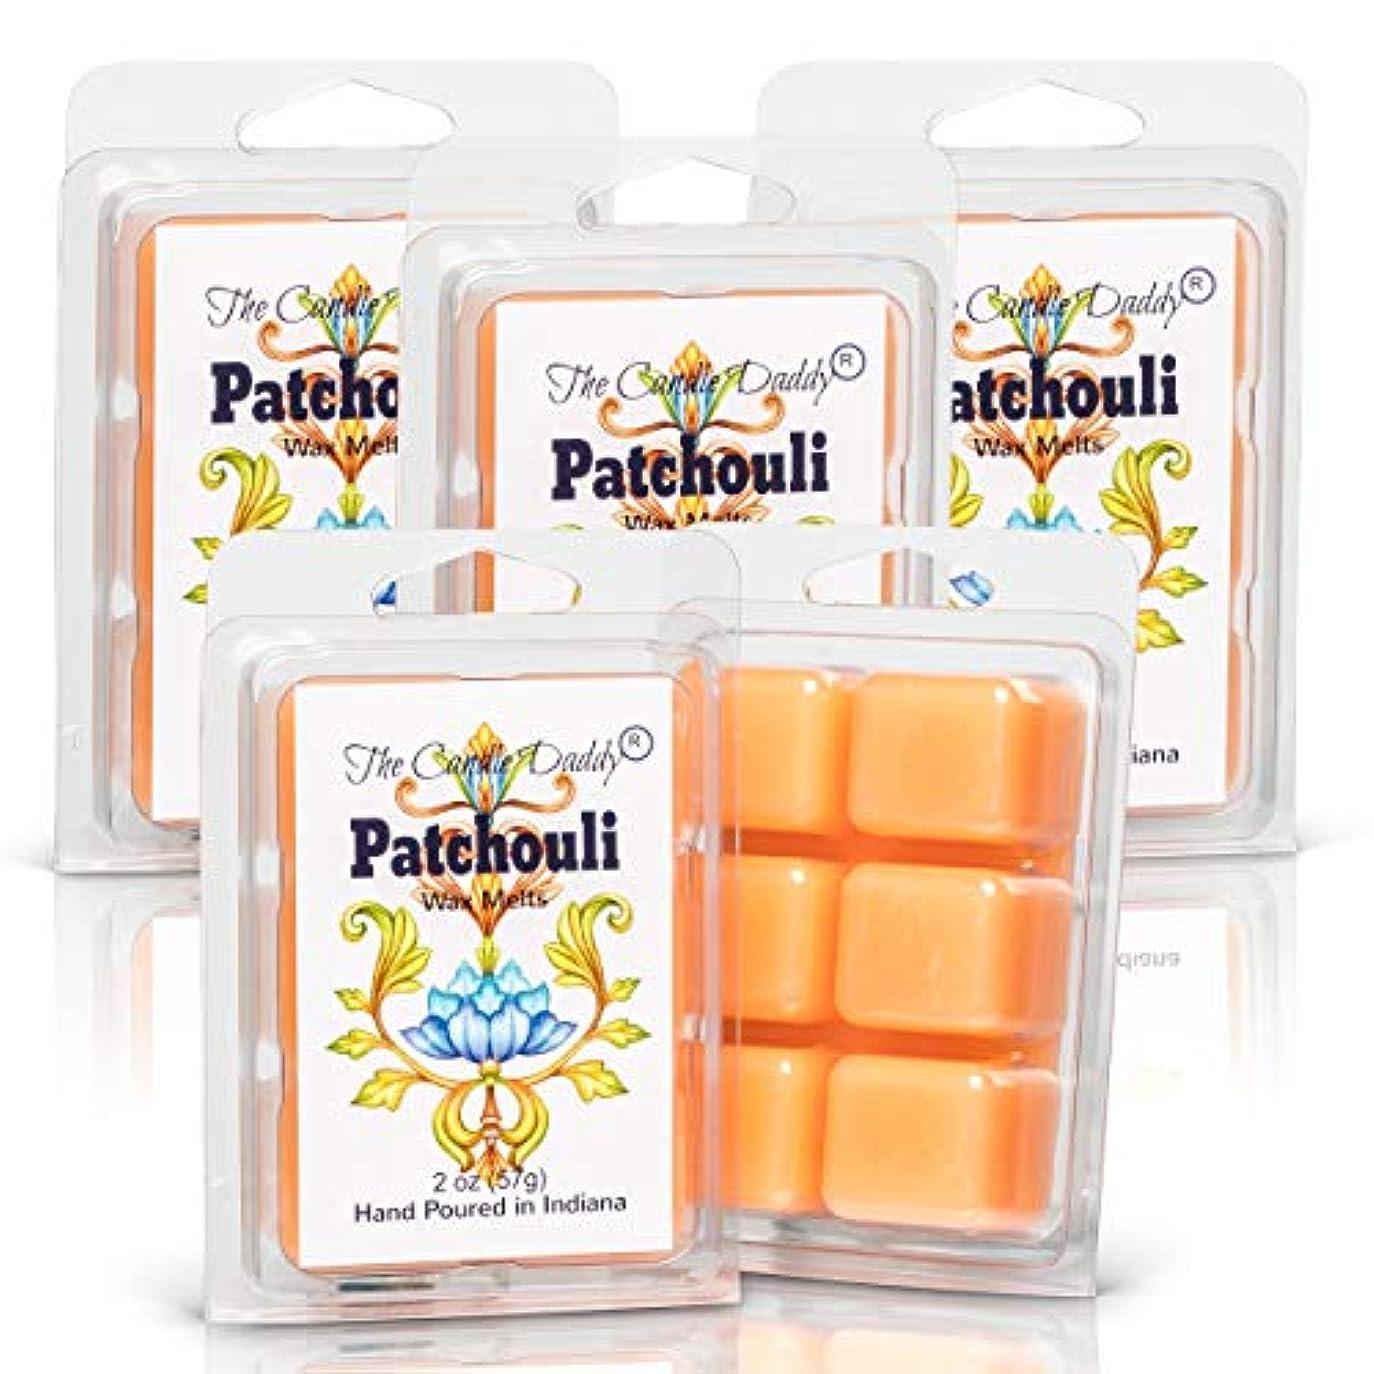 真空はげバラバラにするThe Candle Daddy Patchouli - 最大香りのワックスキューブ/タルト/メルト- 5パック-10オンス 合計30個